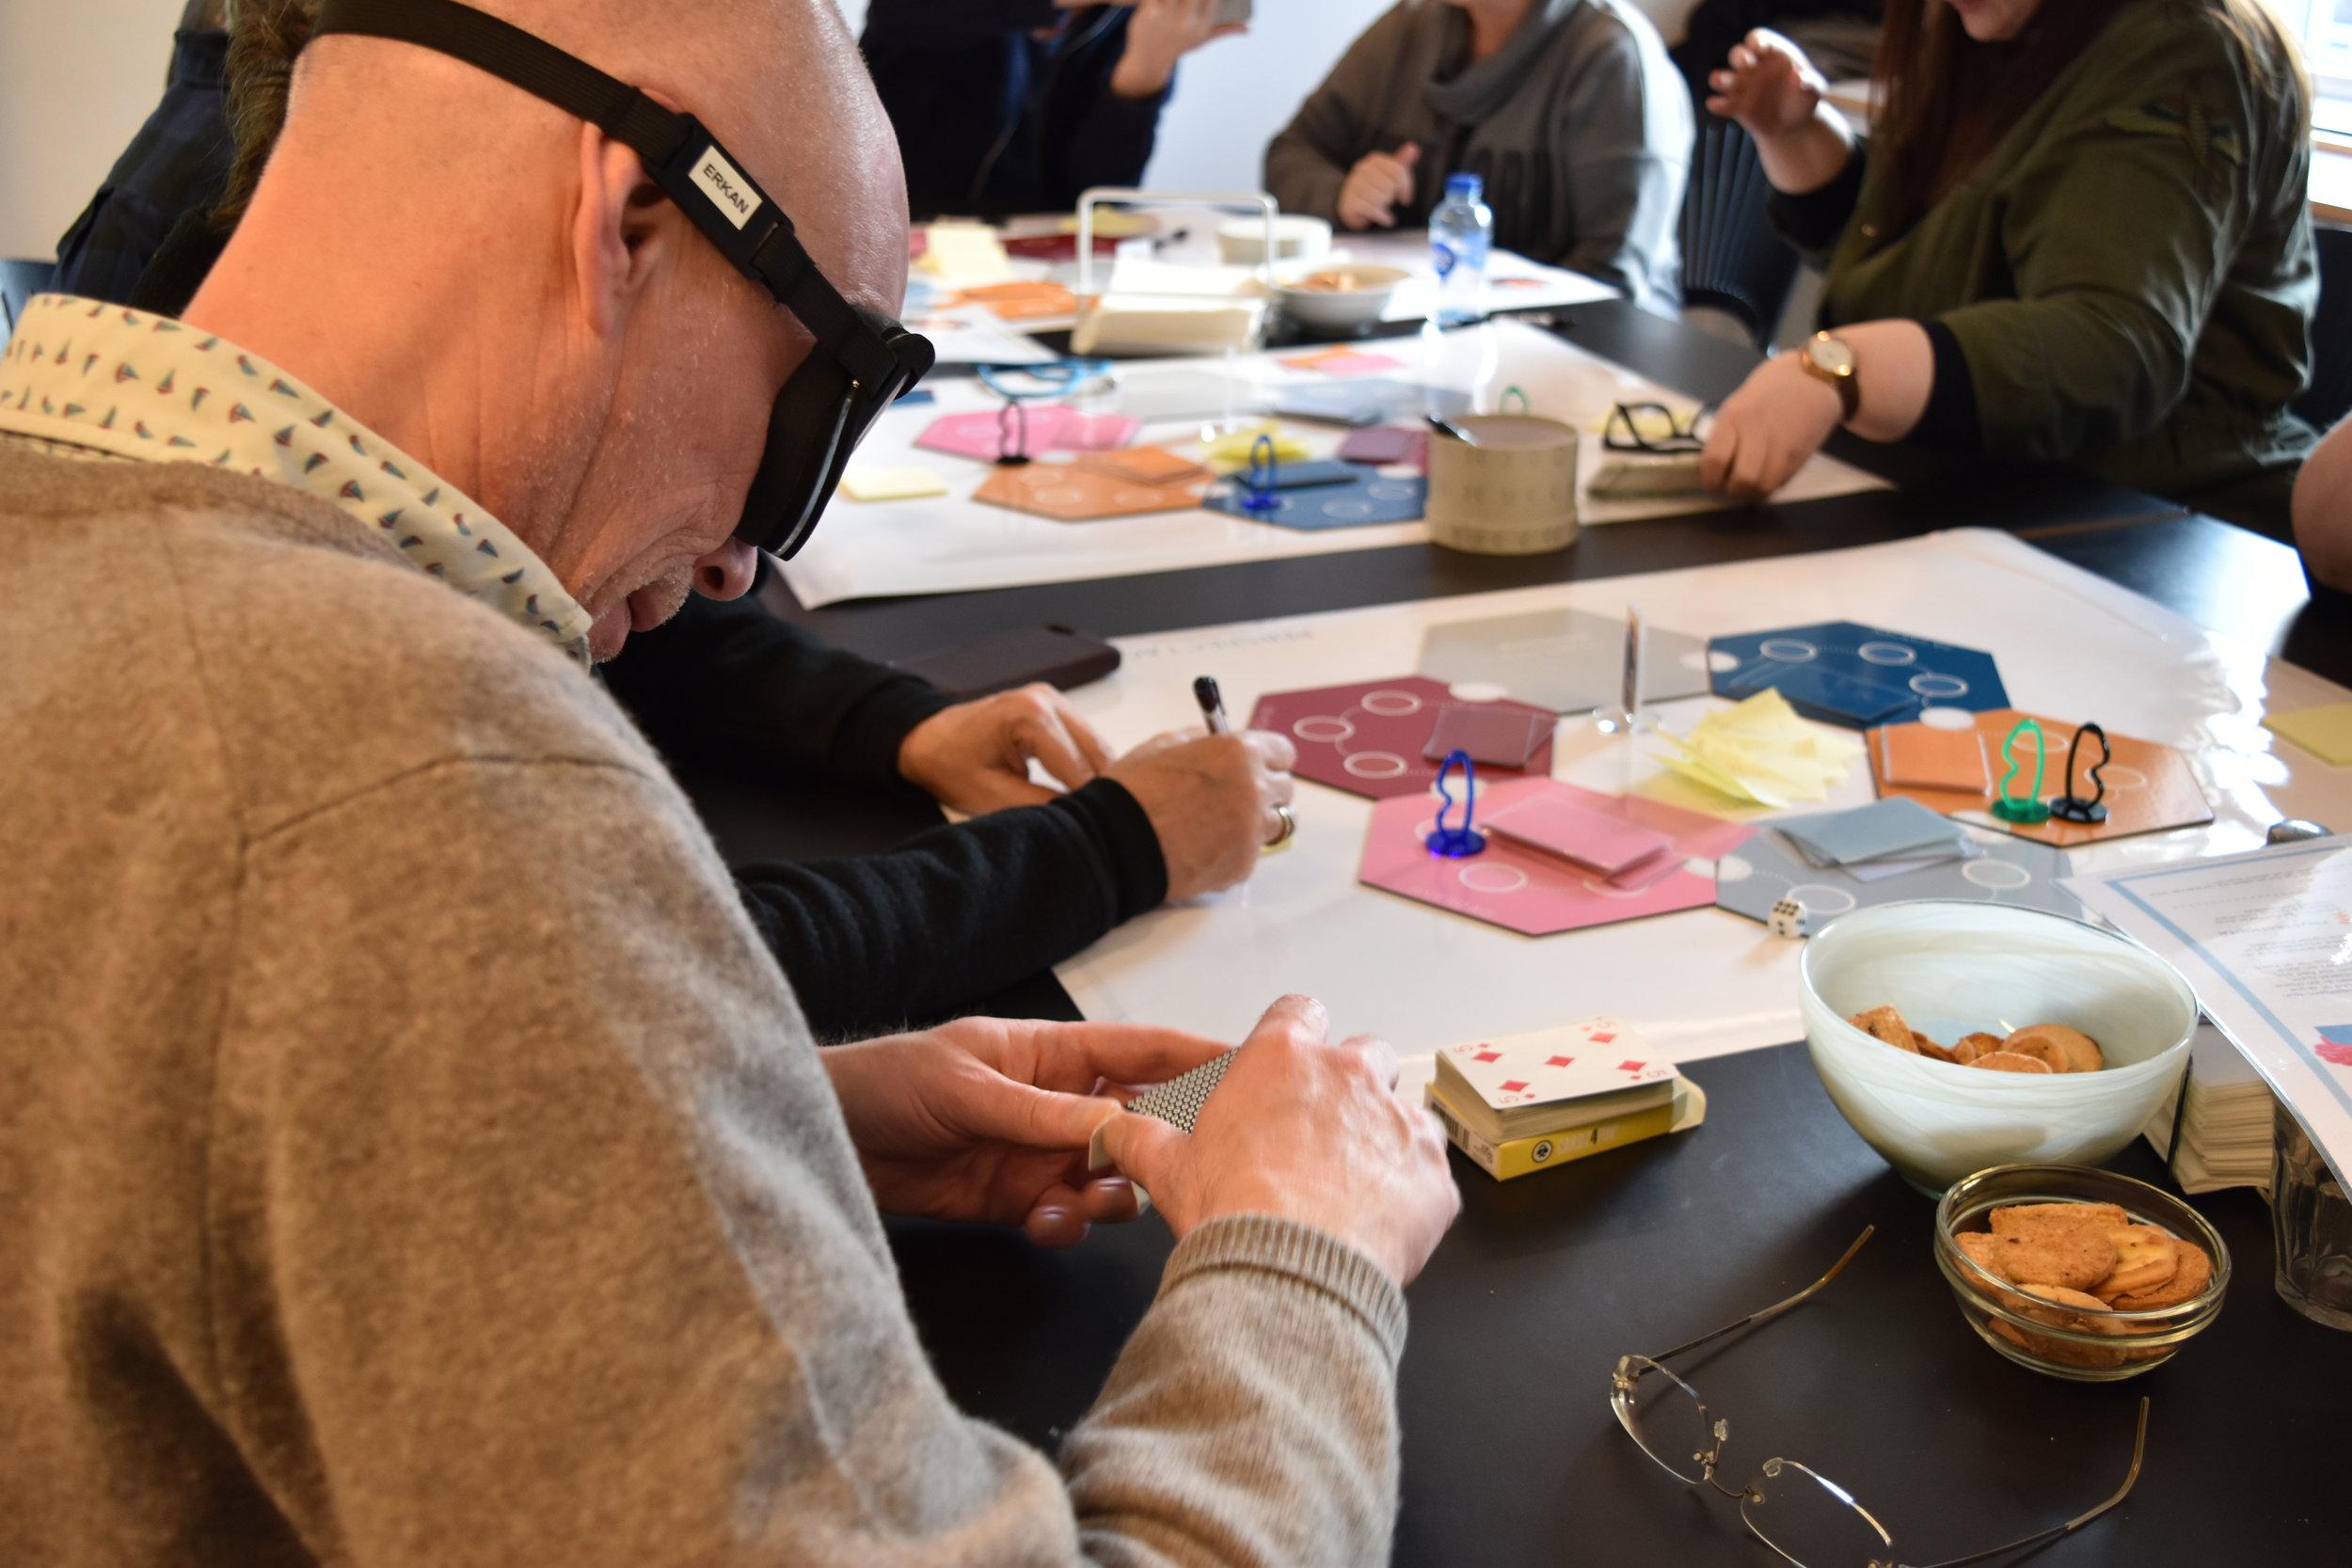 Medarbejdere fra Københavns Kommunes Afdeling for bolig og modernisering afprøver den første prototype af spillet på en workshop afholdt af Ballast